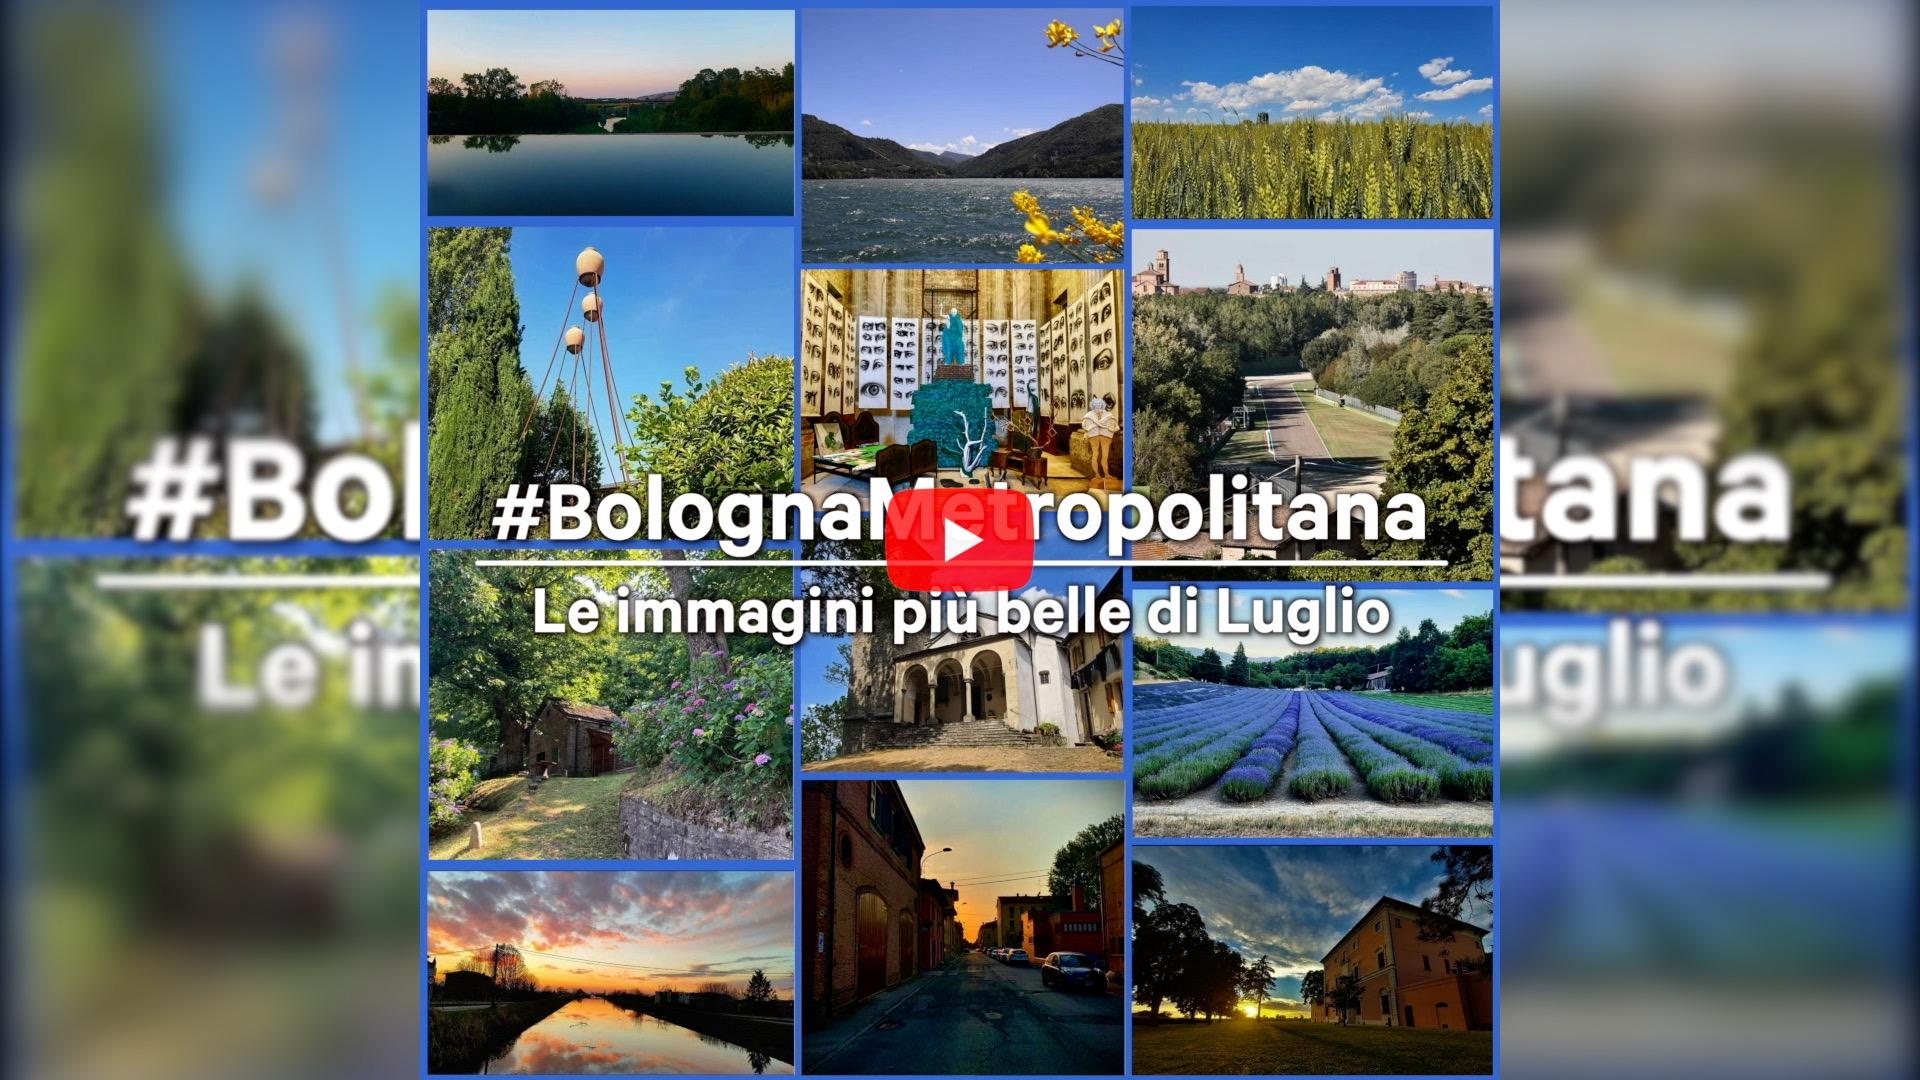 #BolognaMetropolitana - Le immagini più belle di luglio 2021